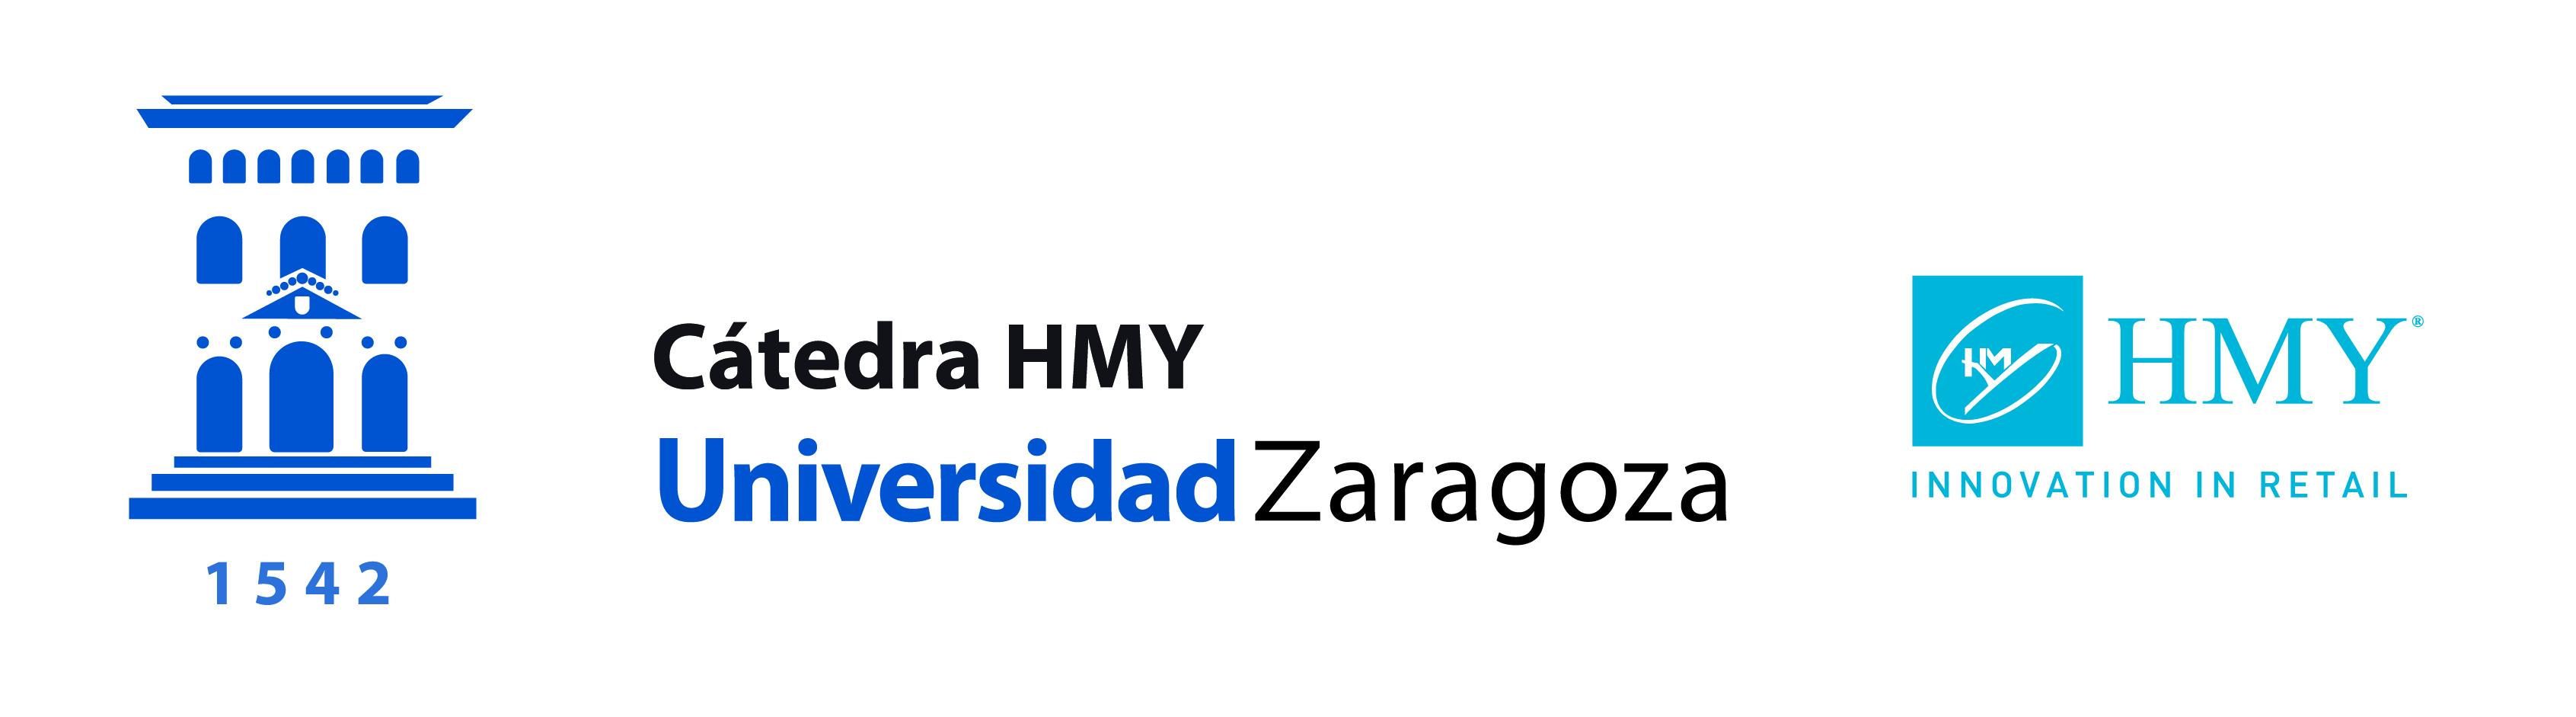 Cátedra HMY / Universidad de Zaragoza